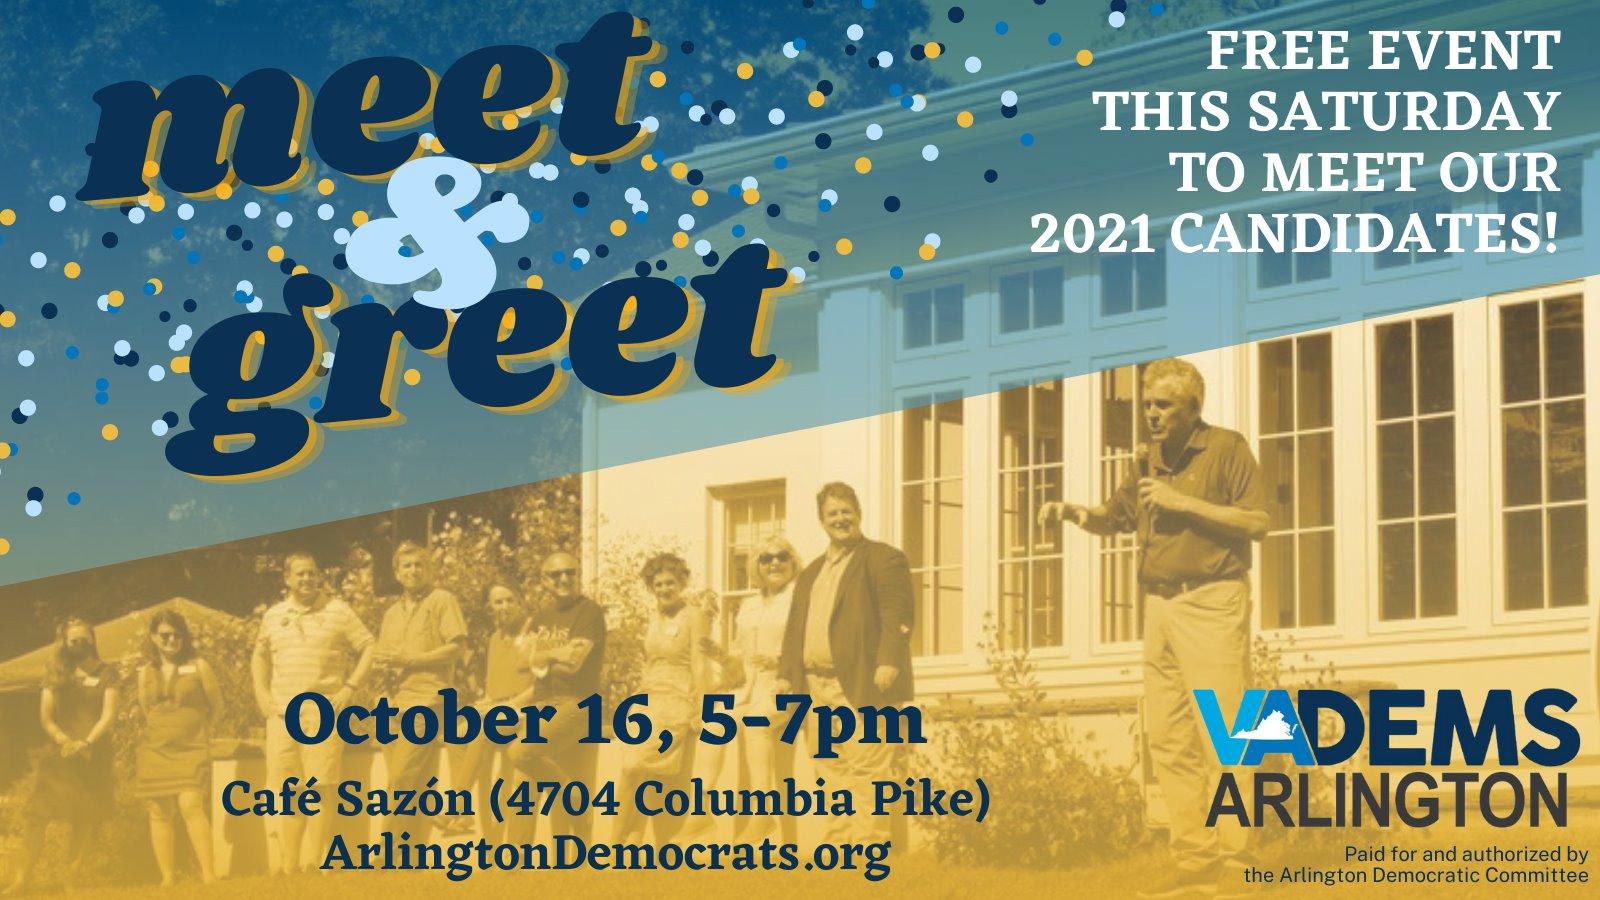 Arlington Dems' Candidate Meet & Greet!